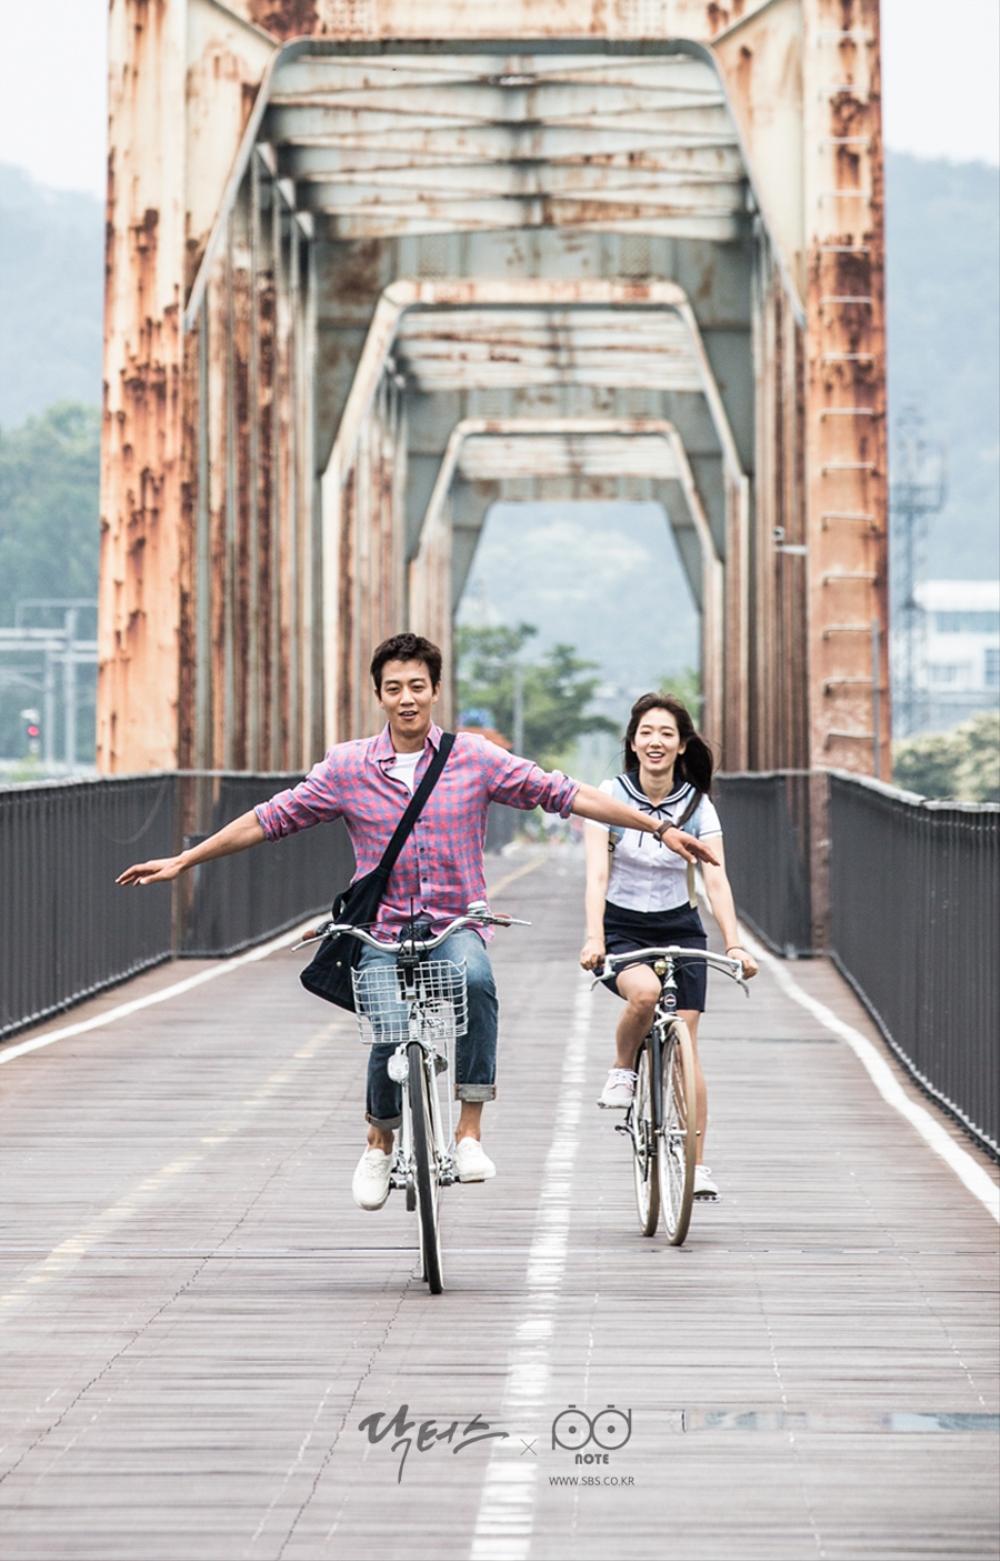 닥터스 포토스케치 철교 위에서 팔 벌리고 자전거를 타는 김래원 그리고 박신혜